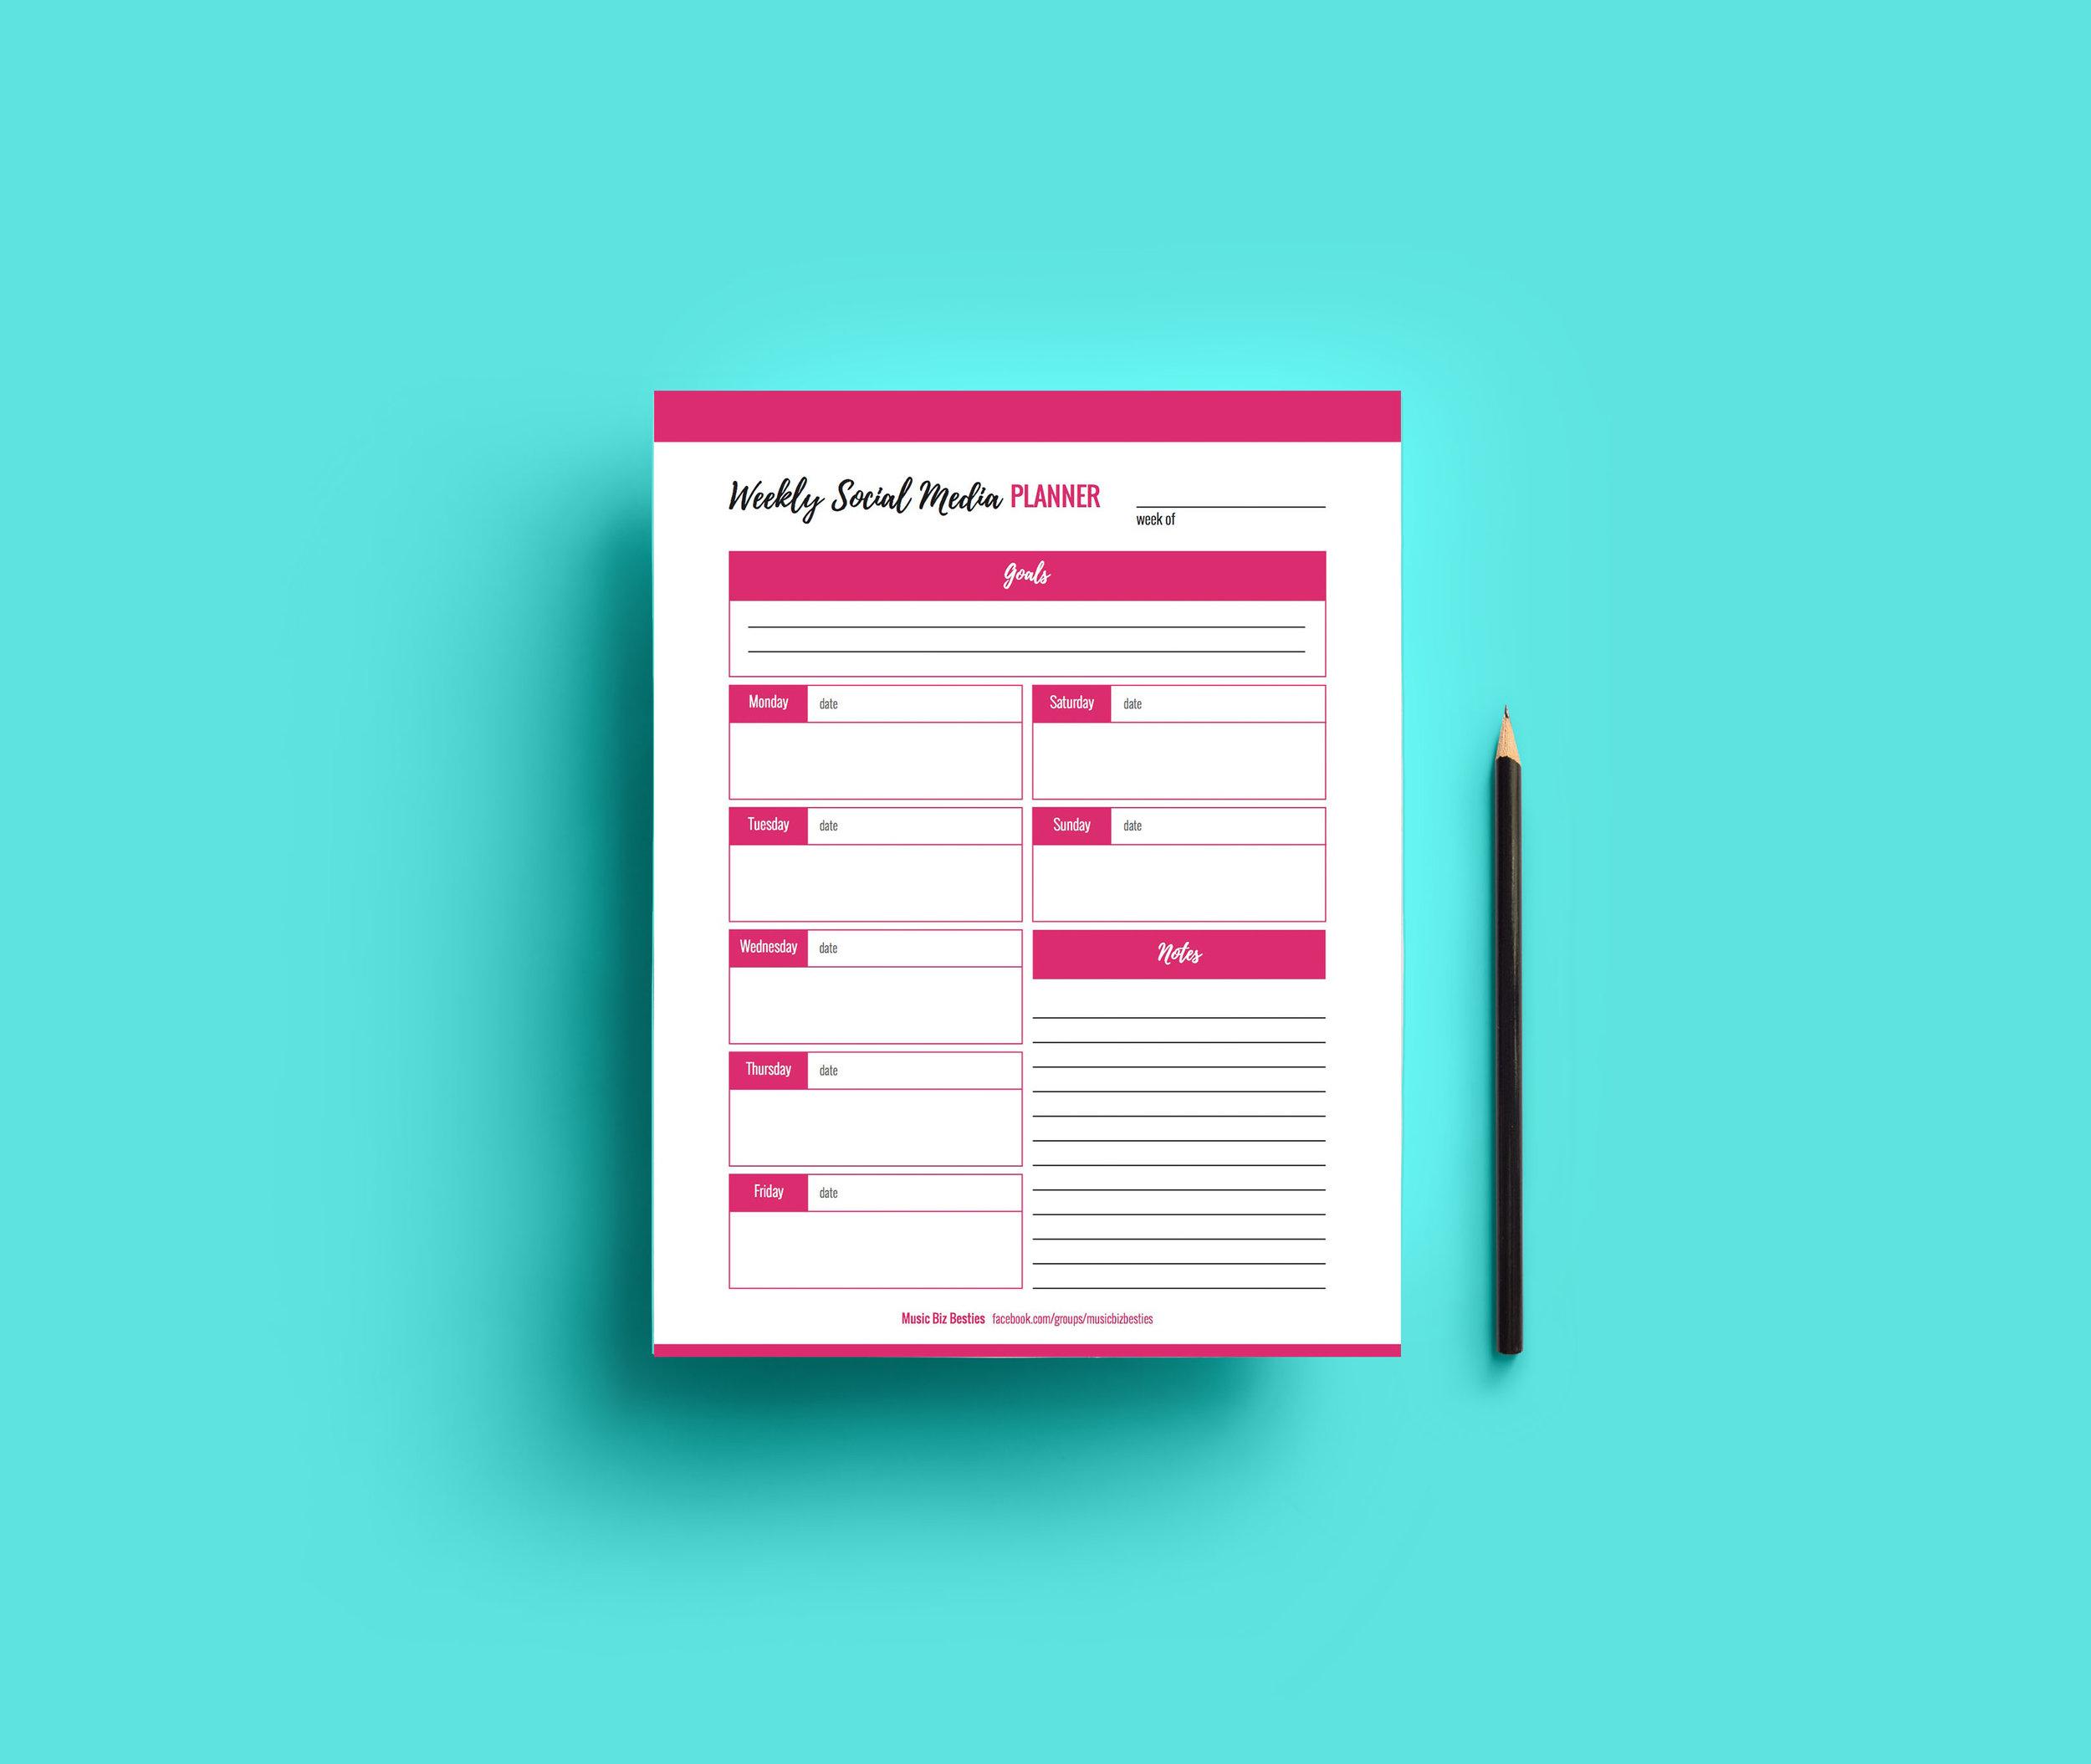 Social Media Planner